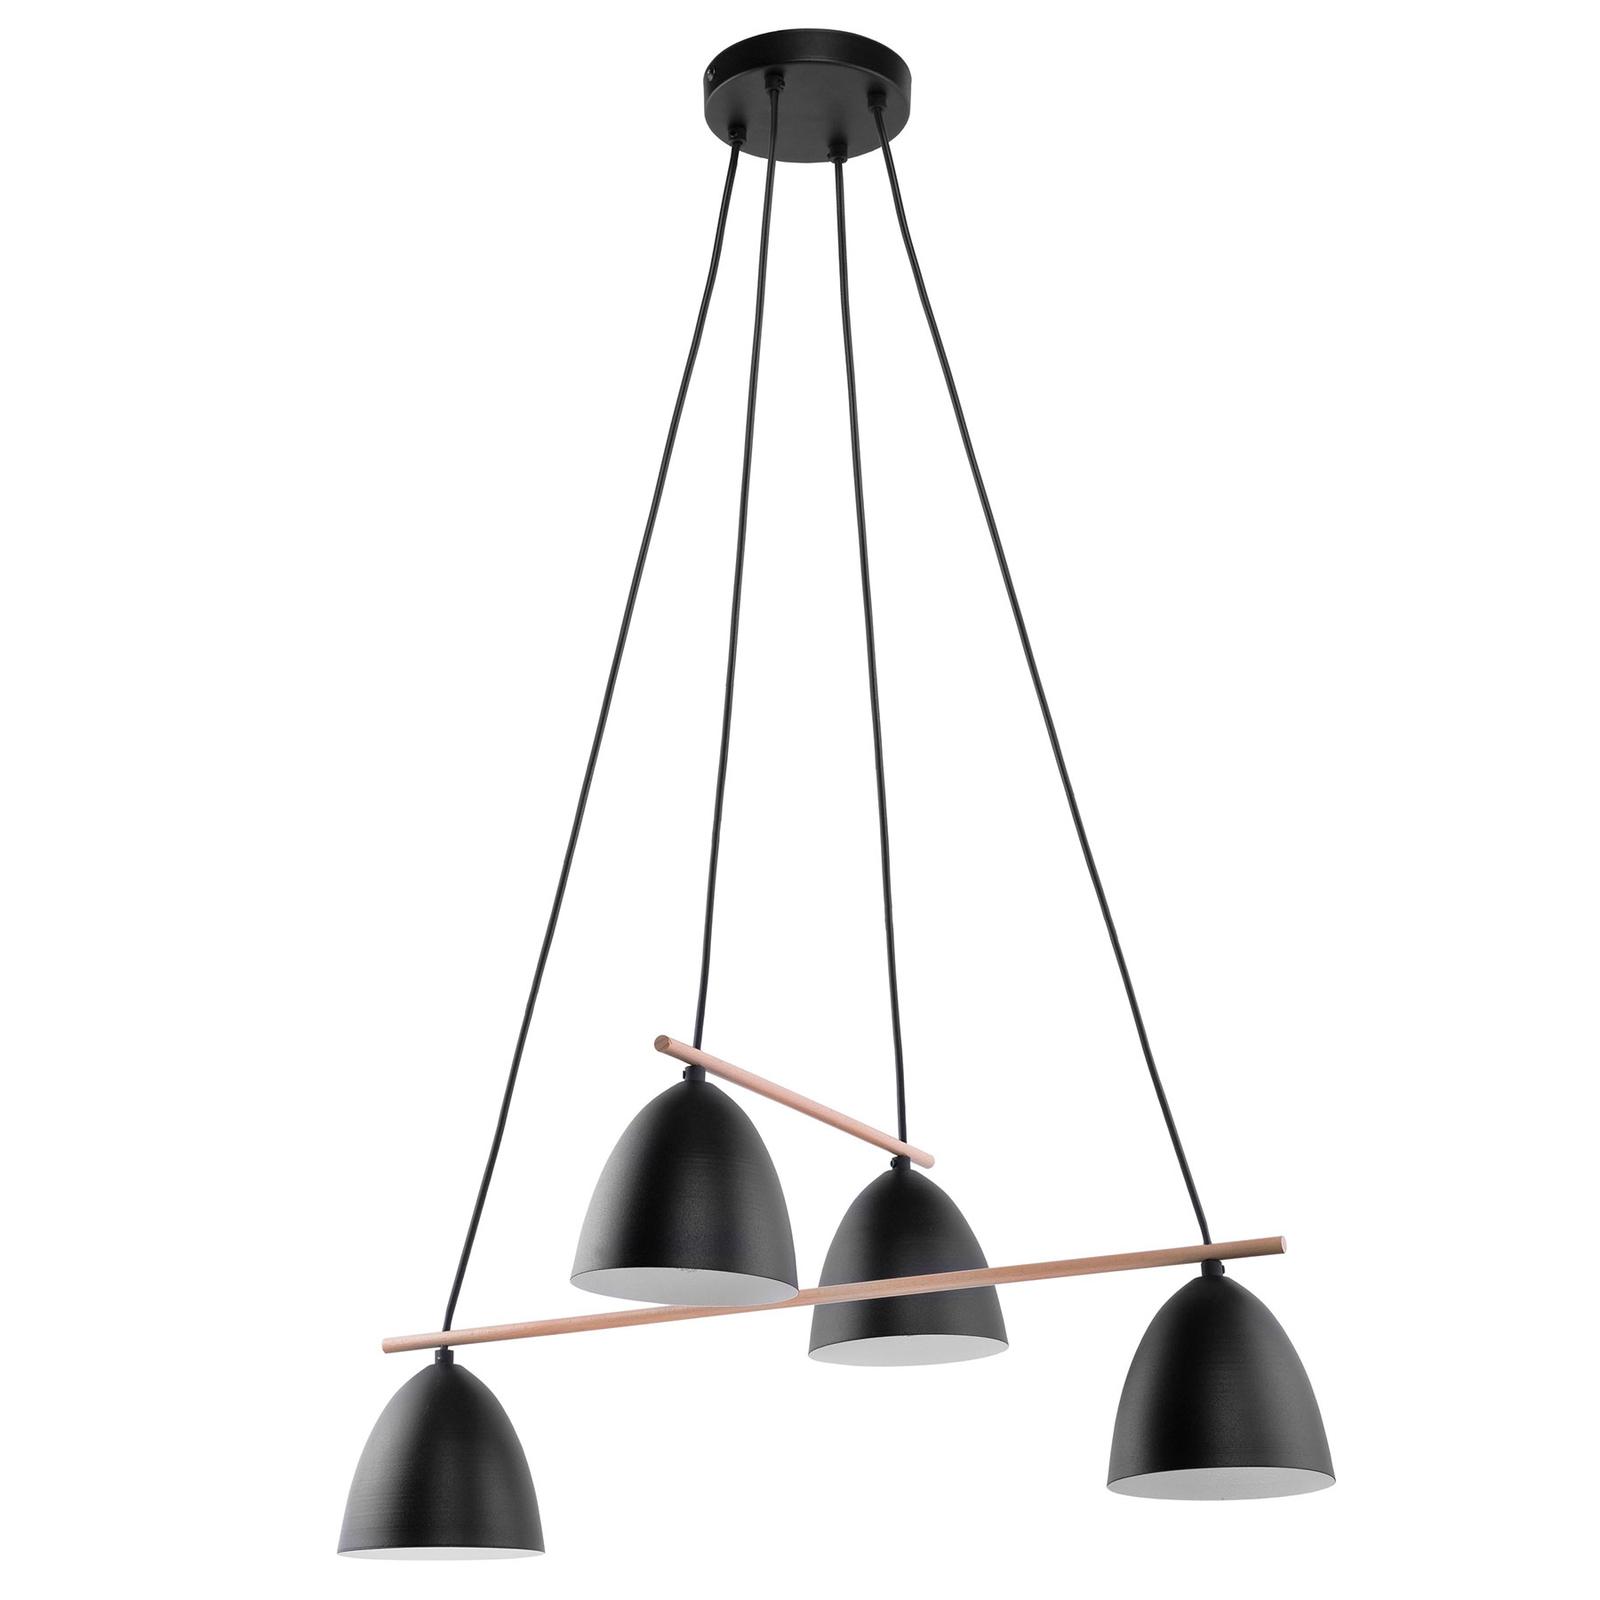 Suspension Aida à 4 lampes, noire